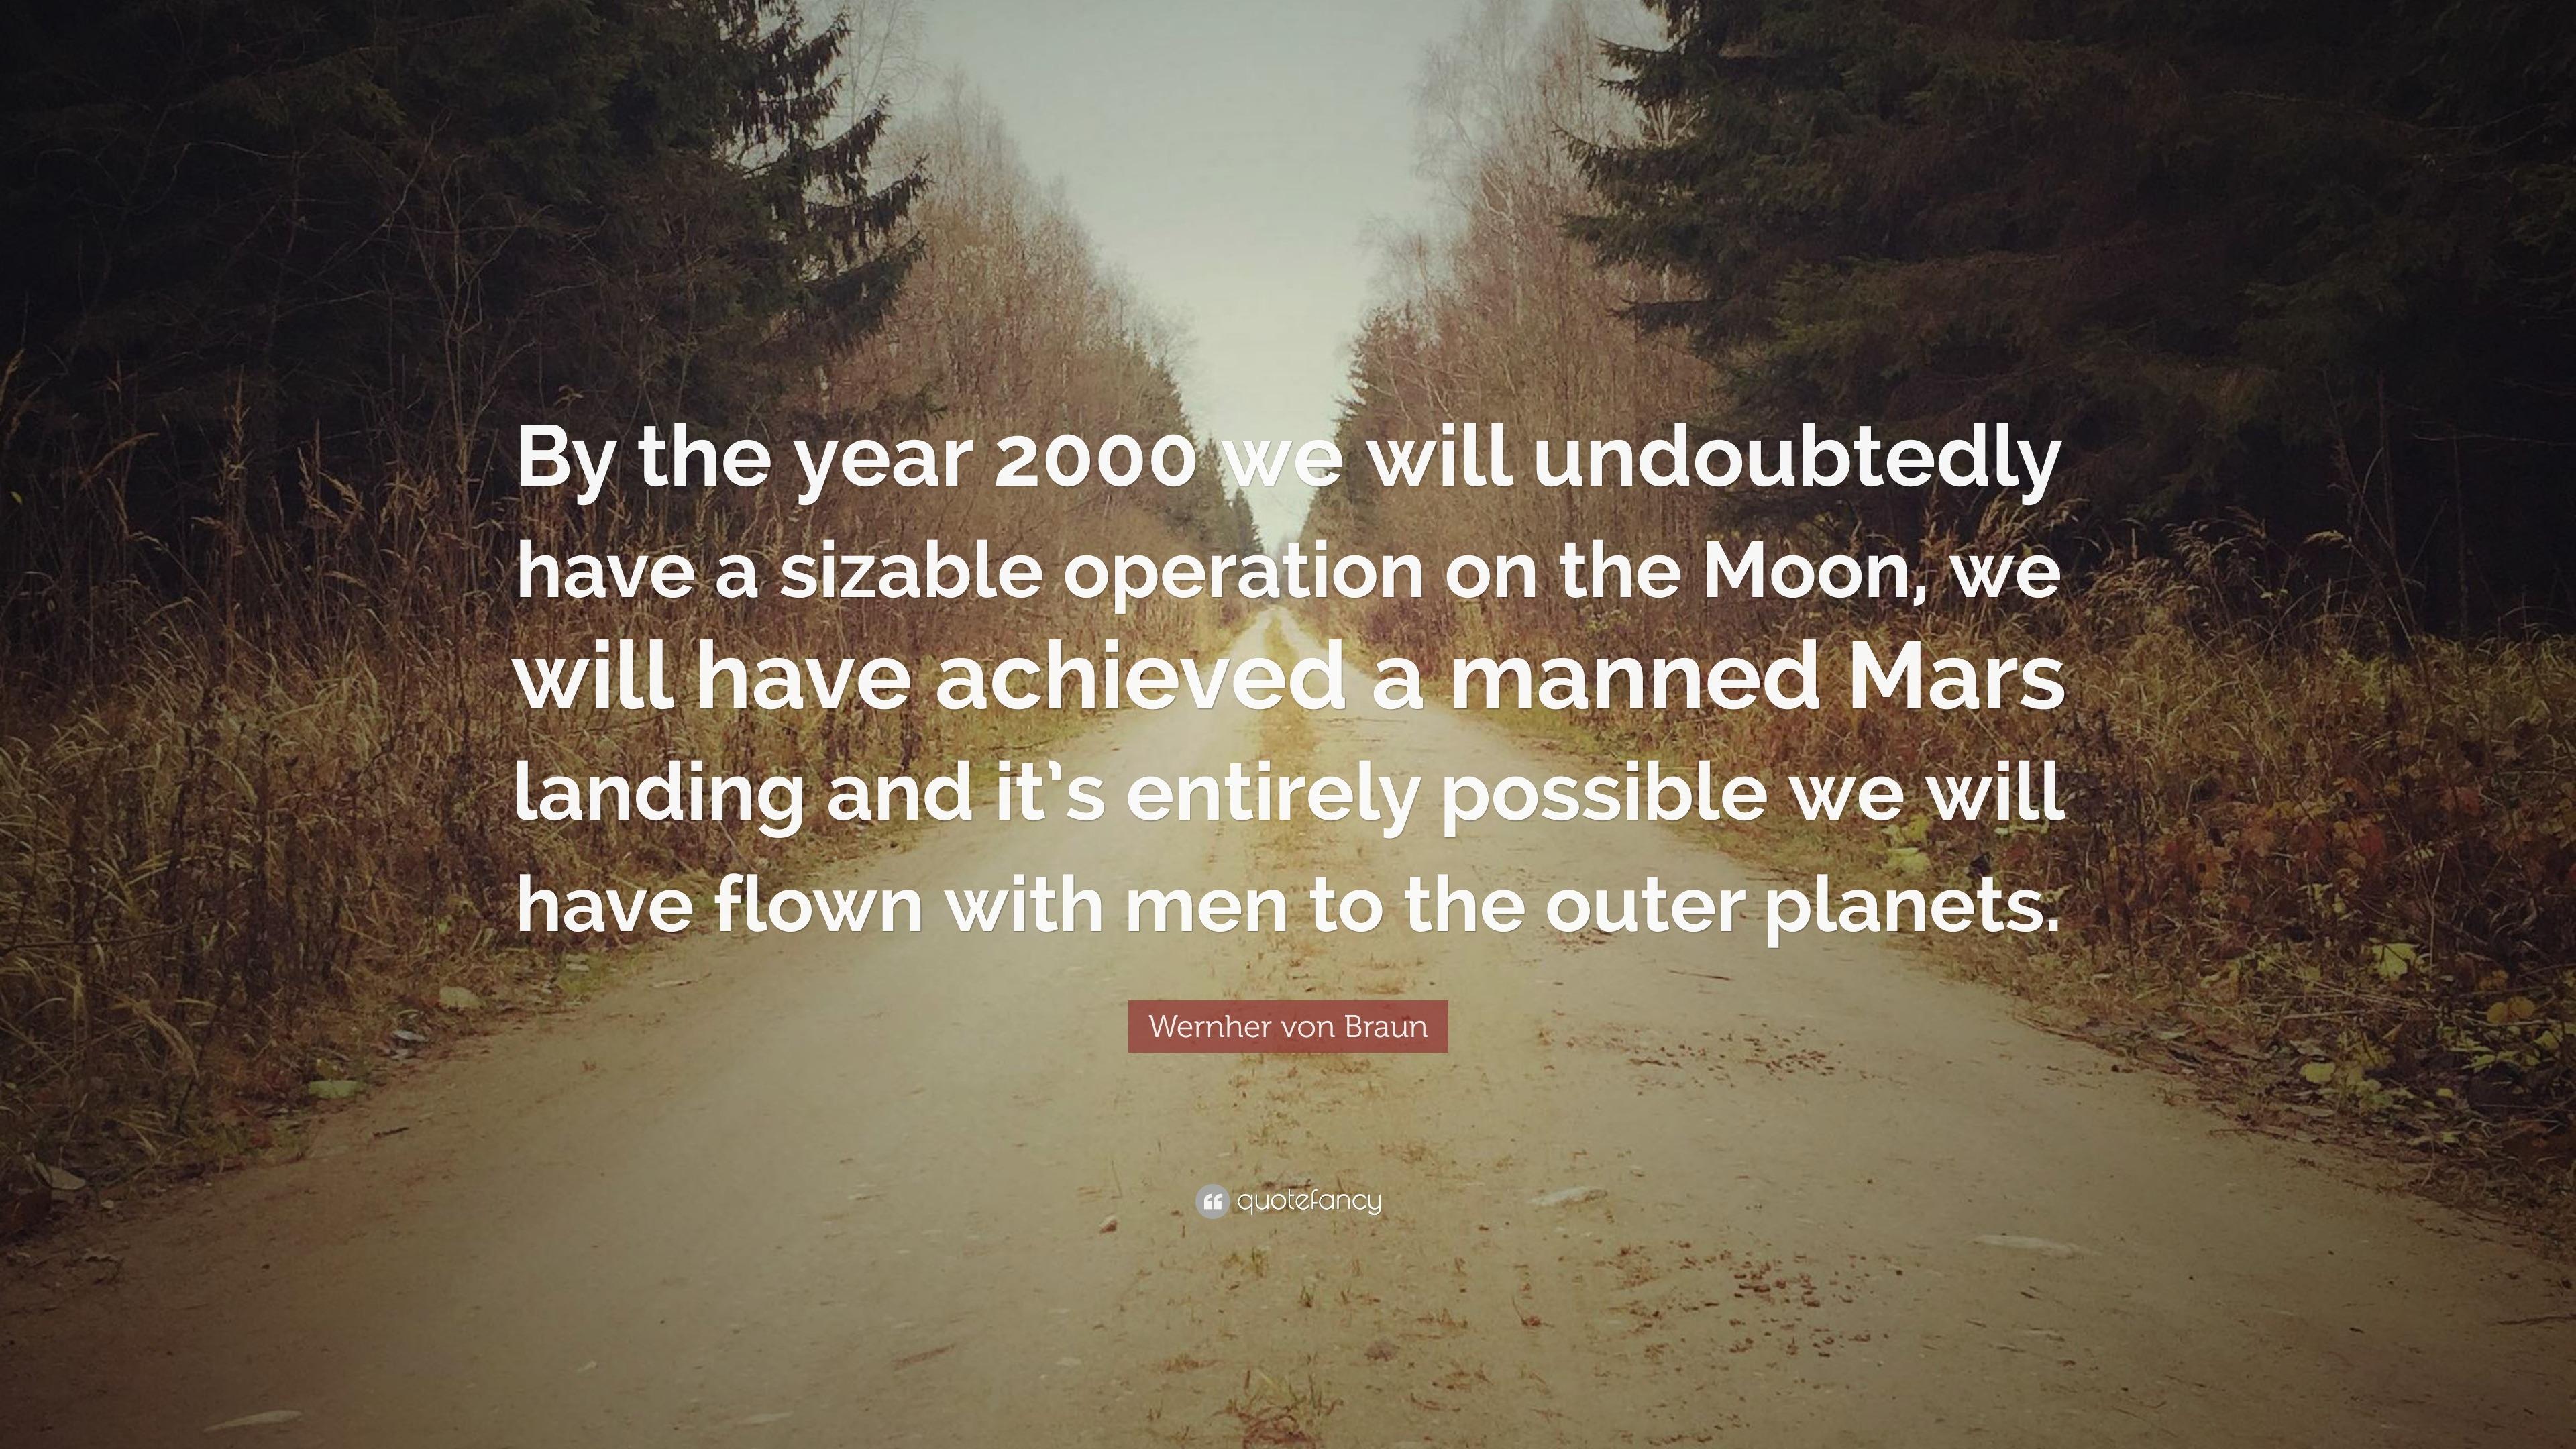 mars landing quotes - photo #13